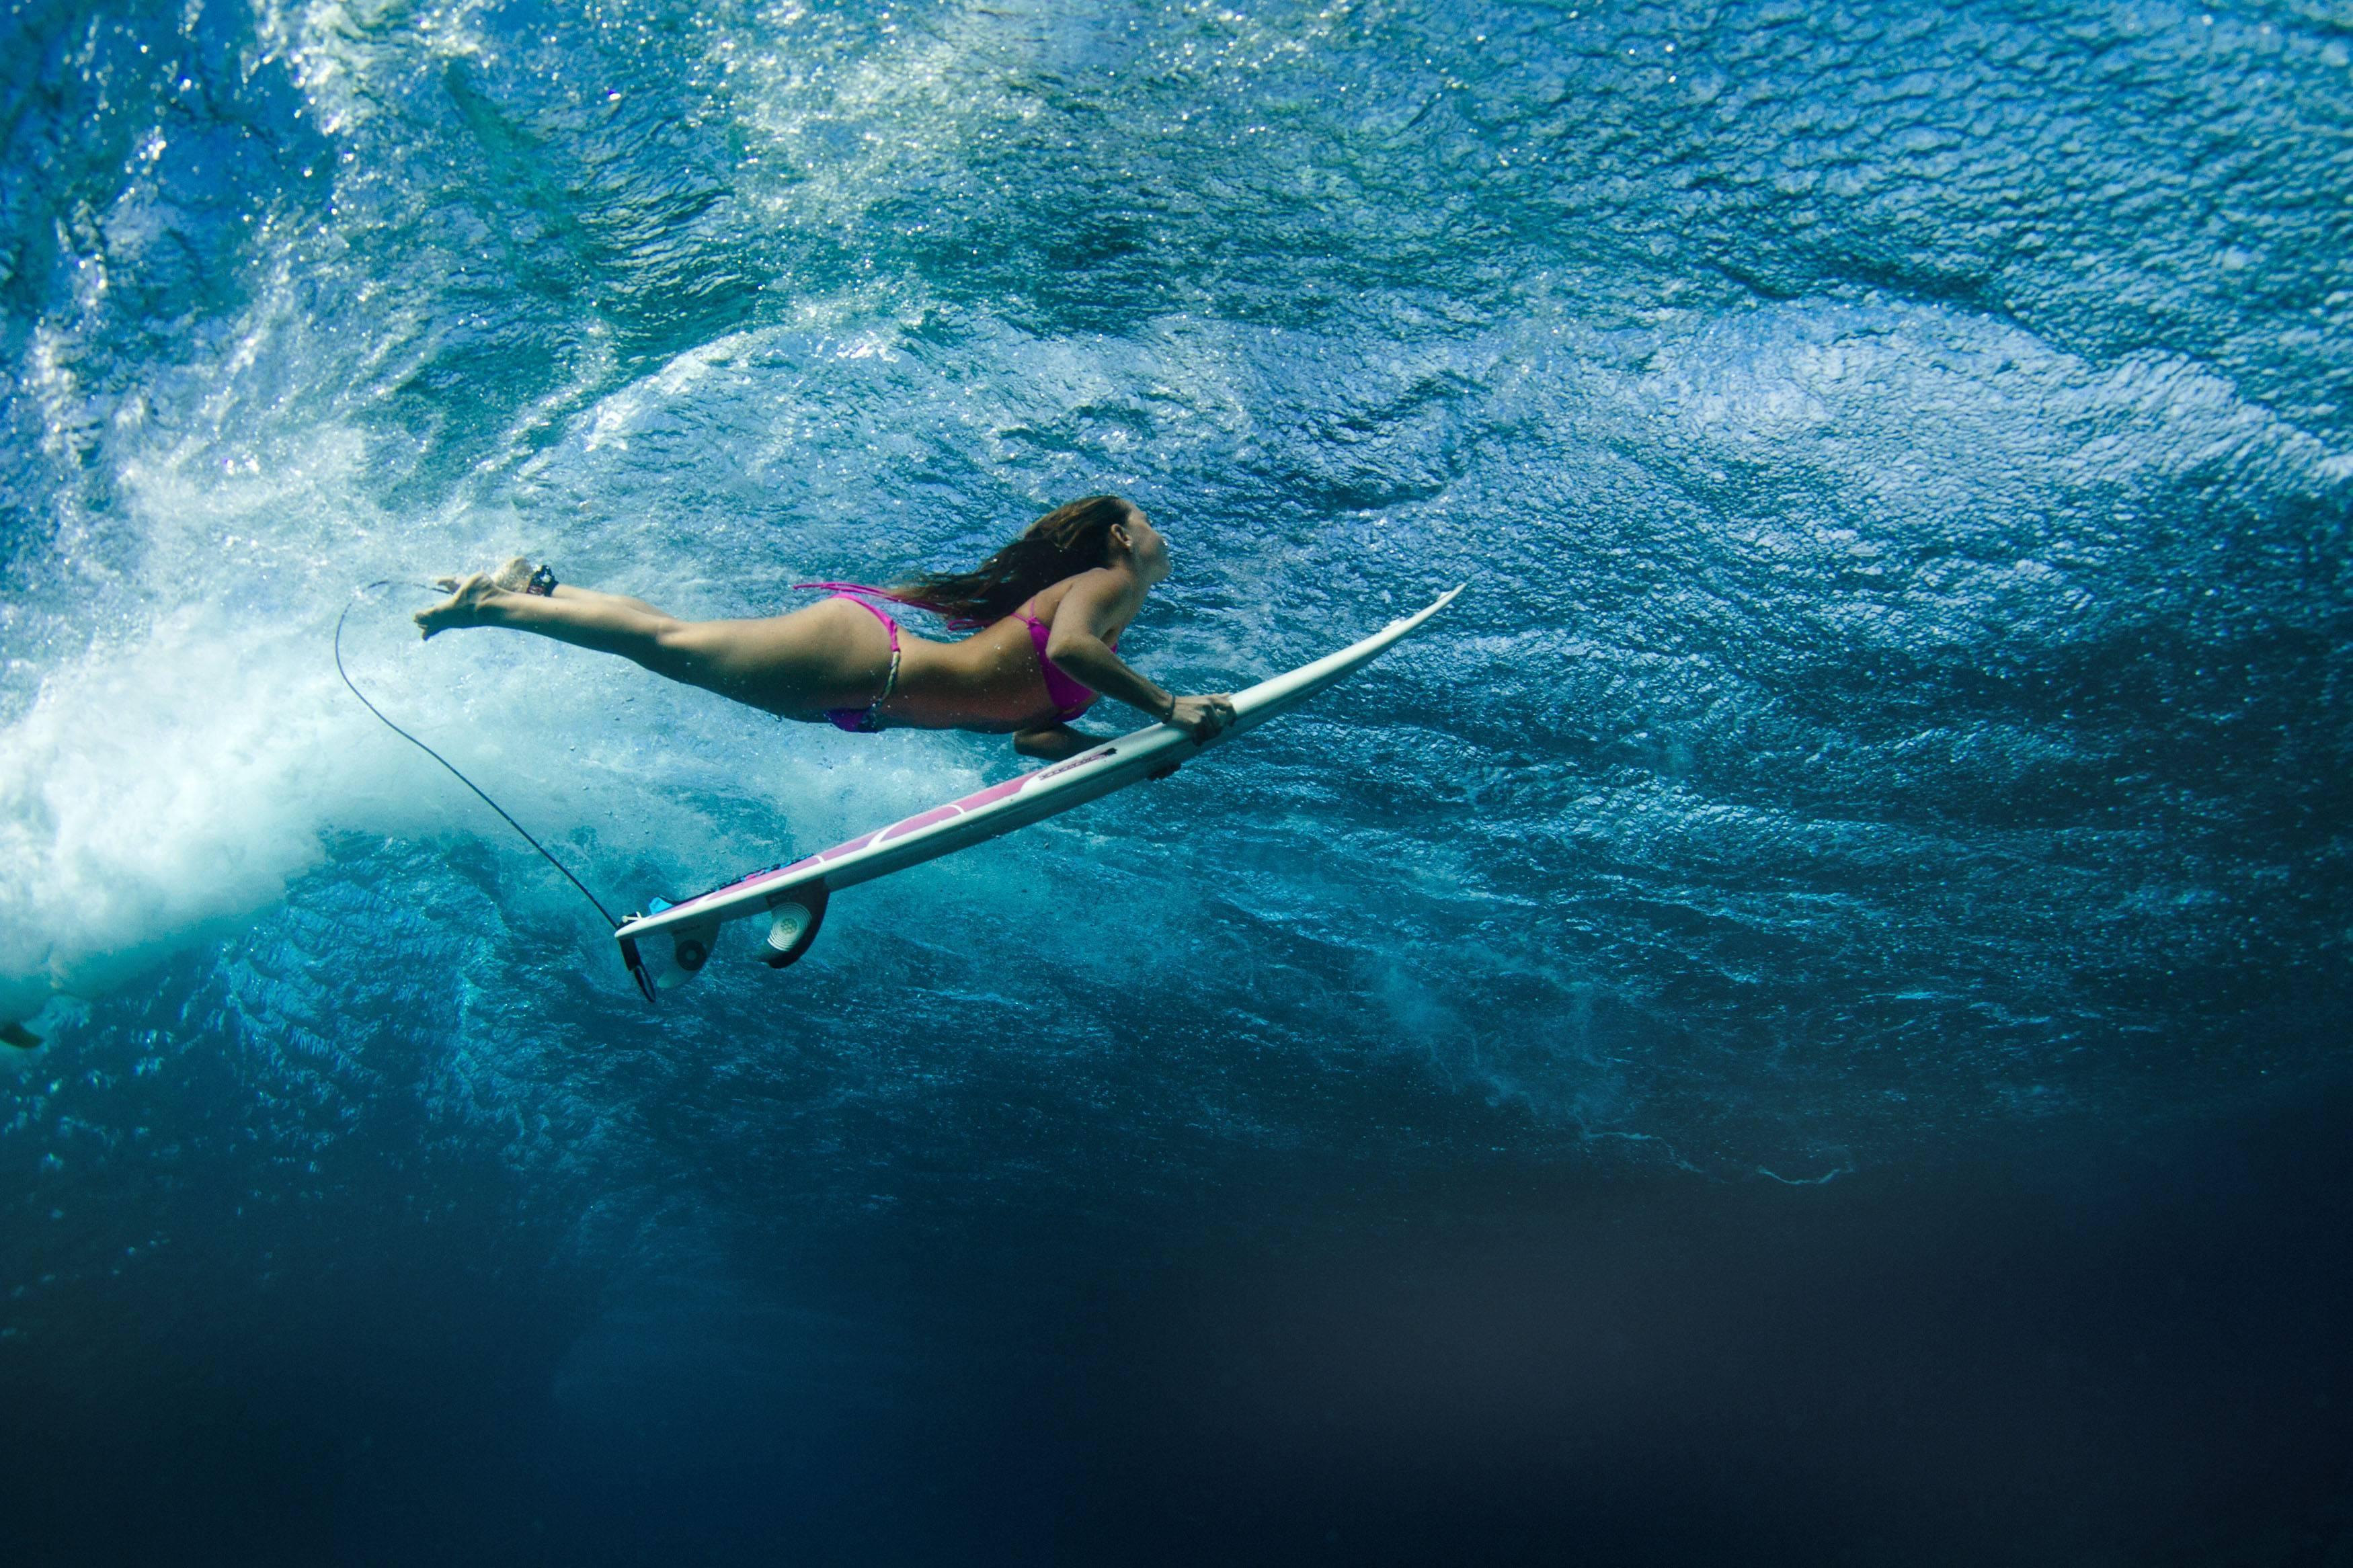 обои Серфинг, девушка, под волной картинки фото